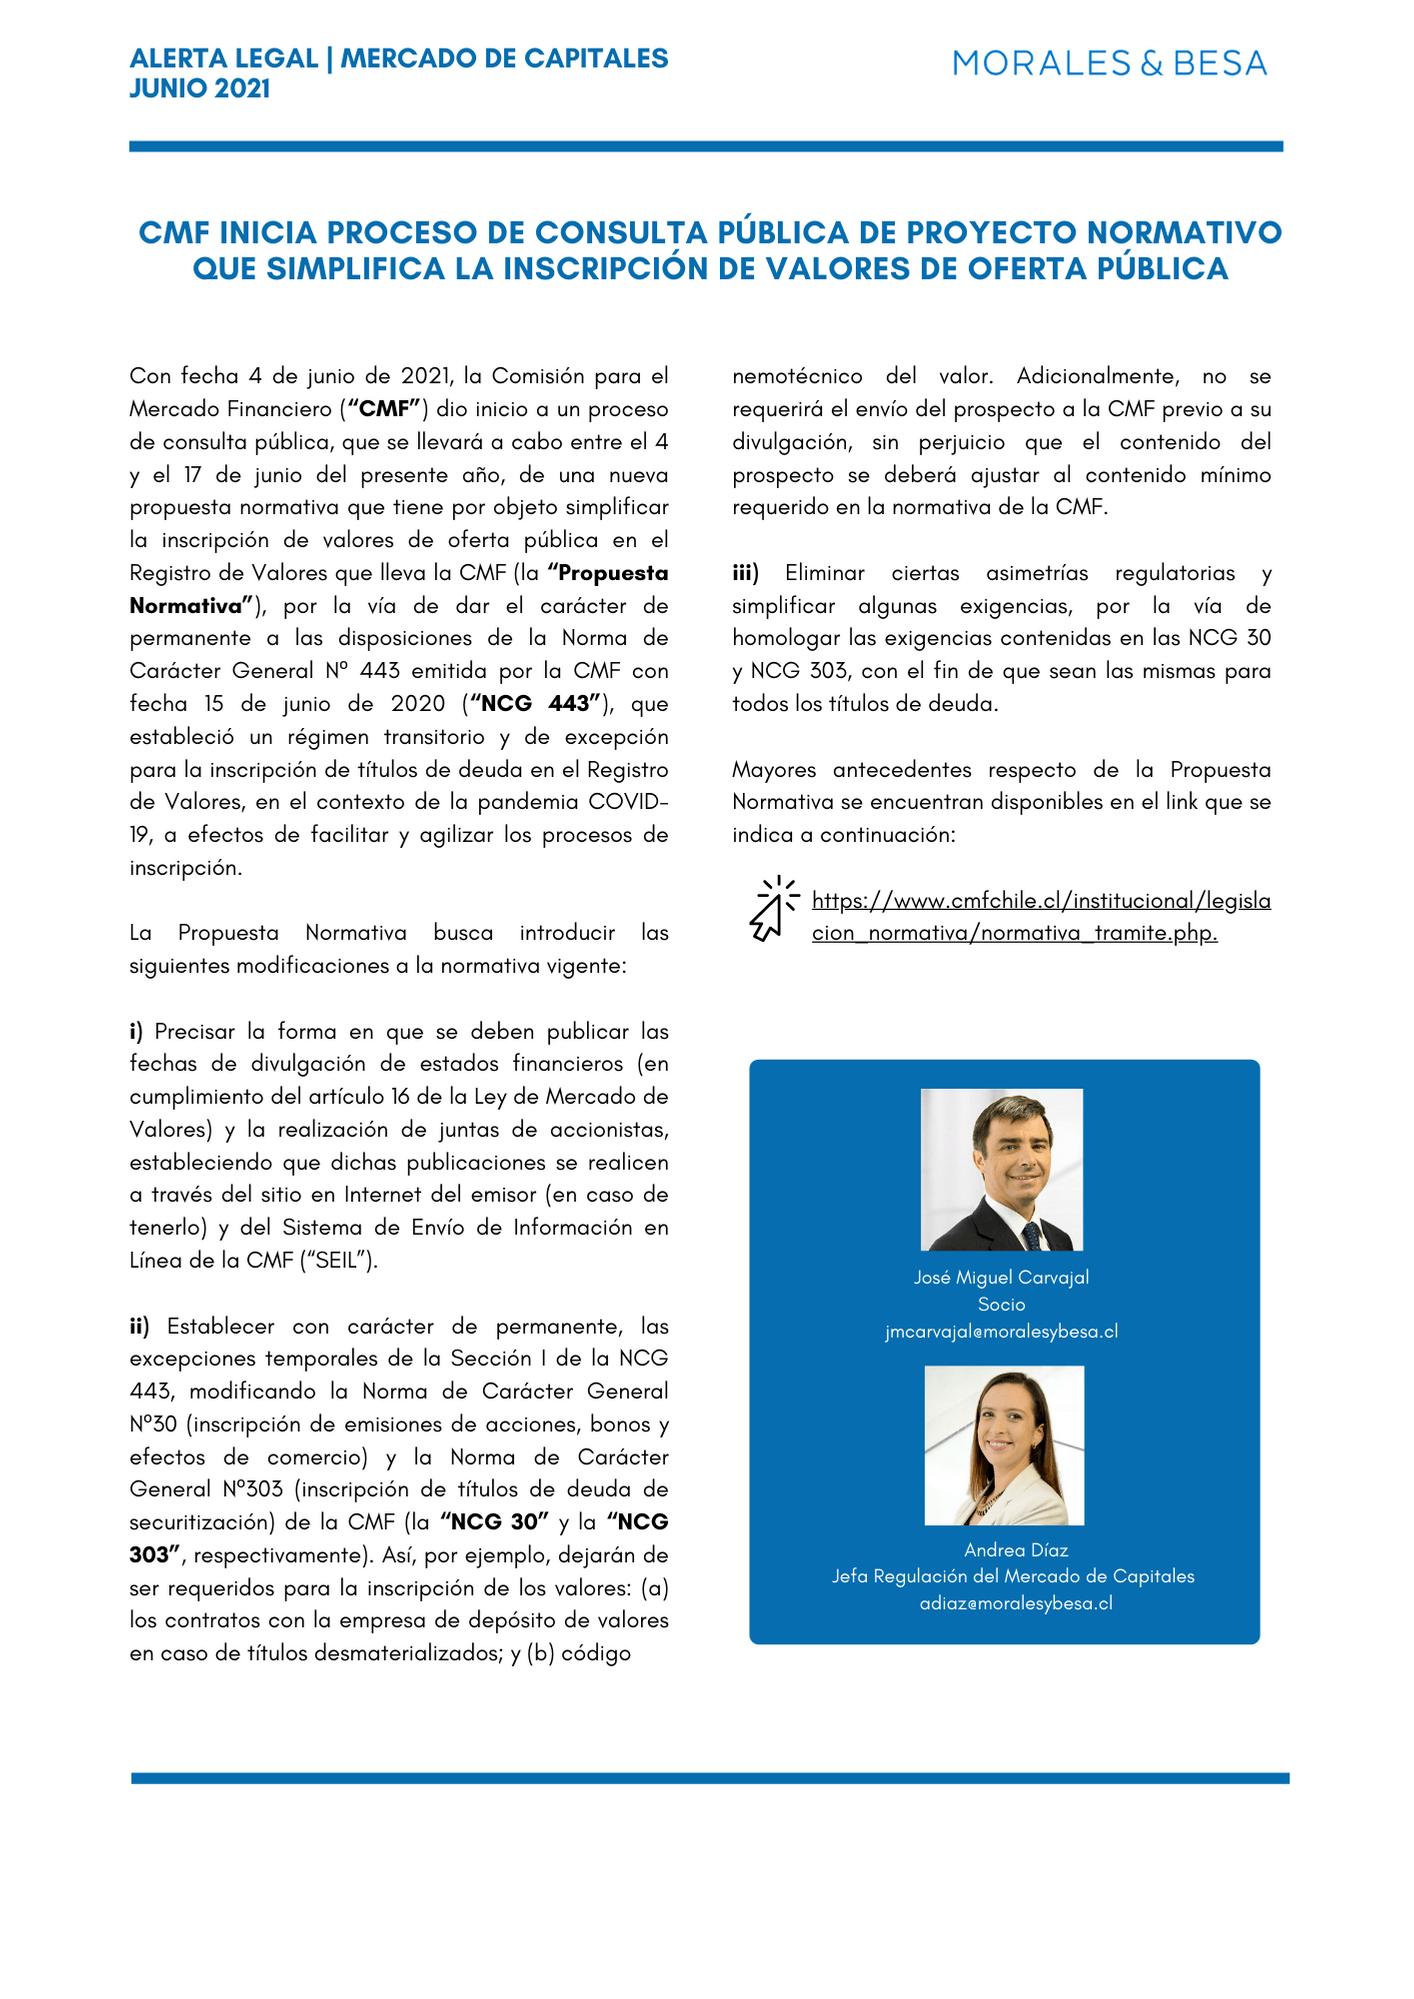 Alerta Legal M&B - Mercado de Capitales